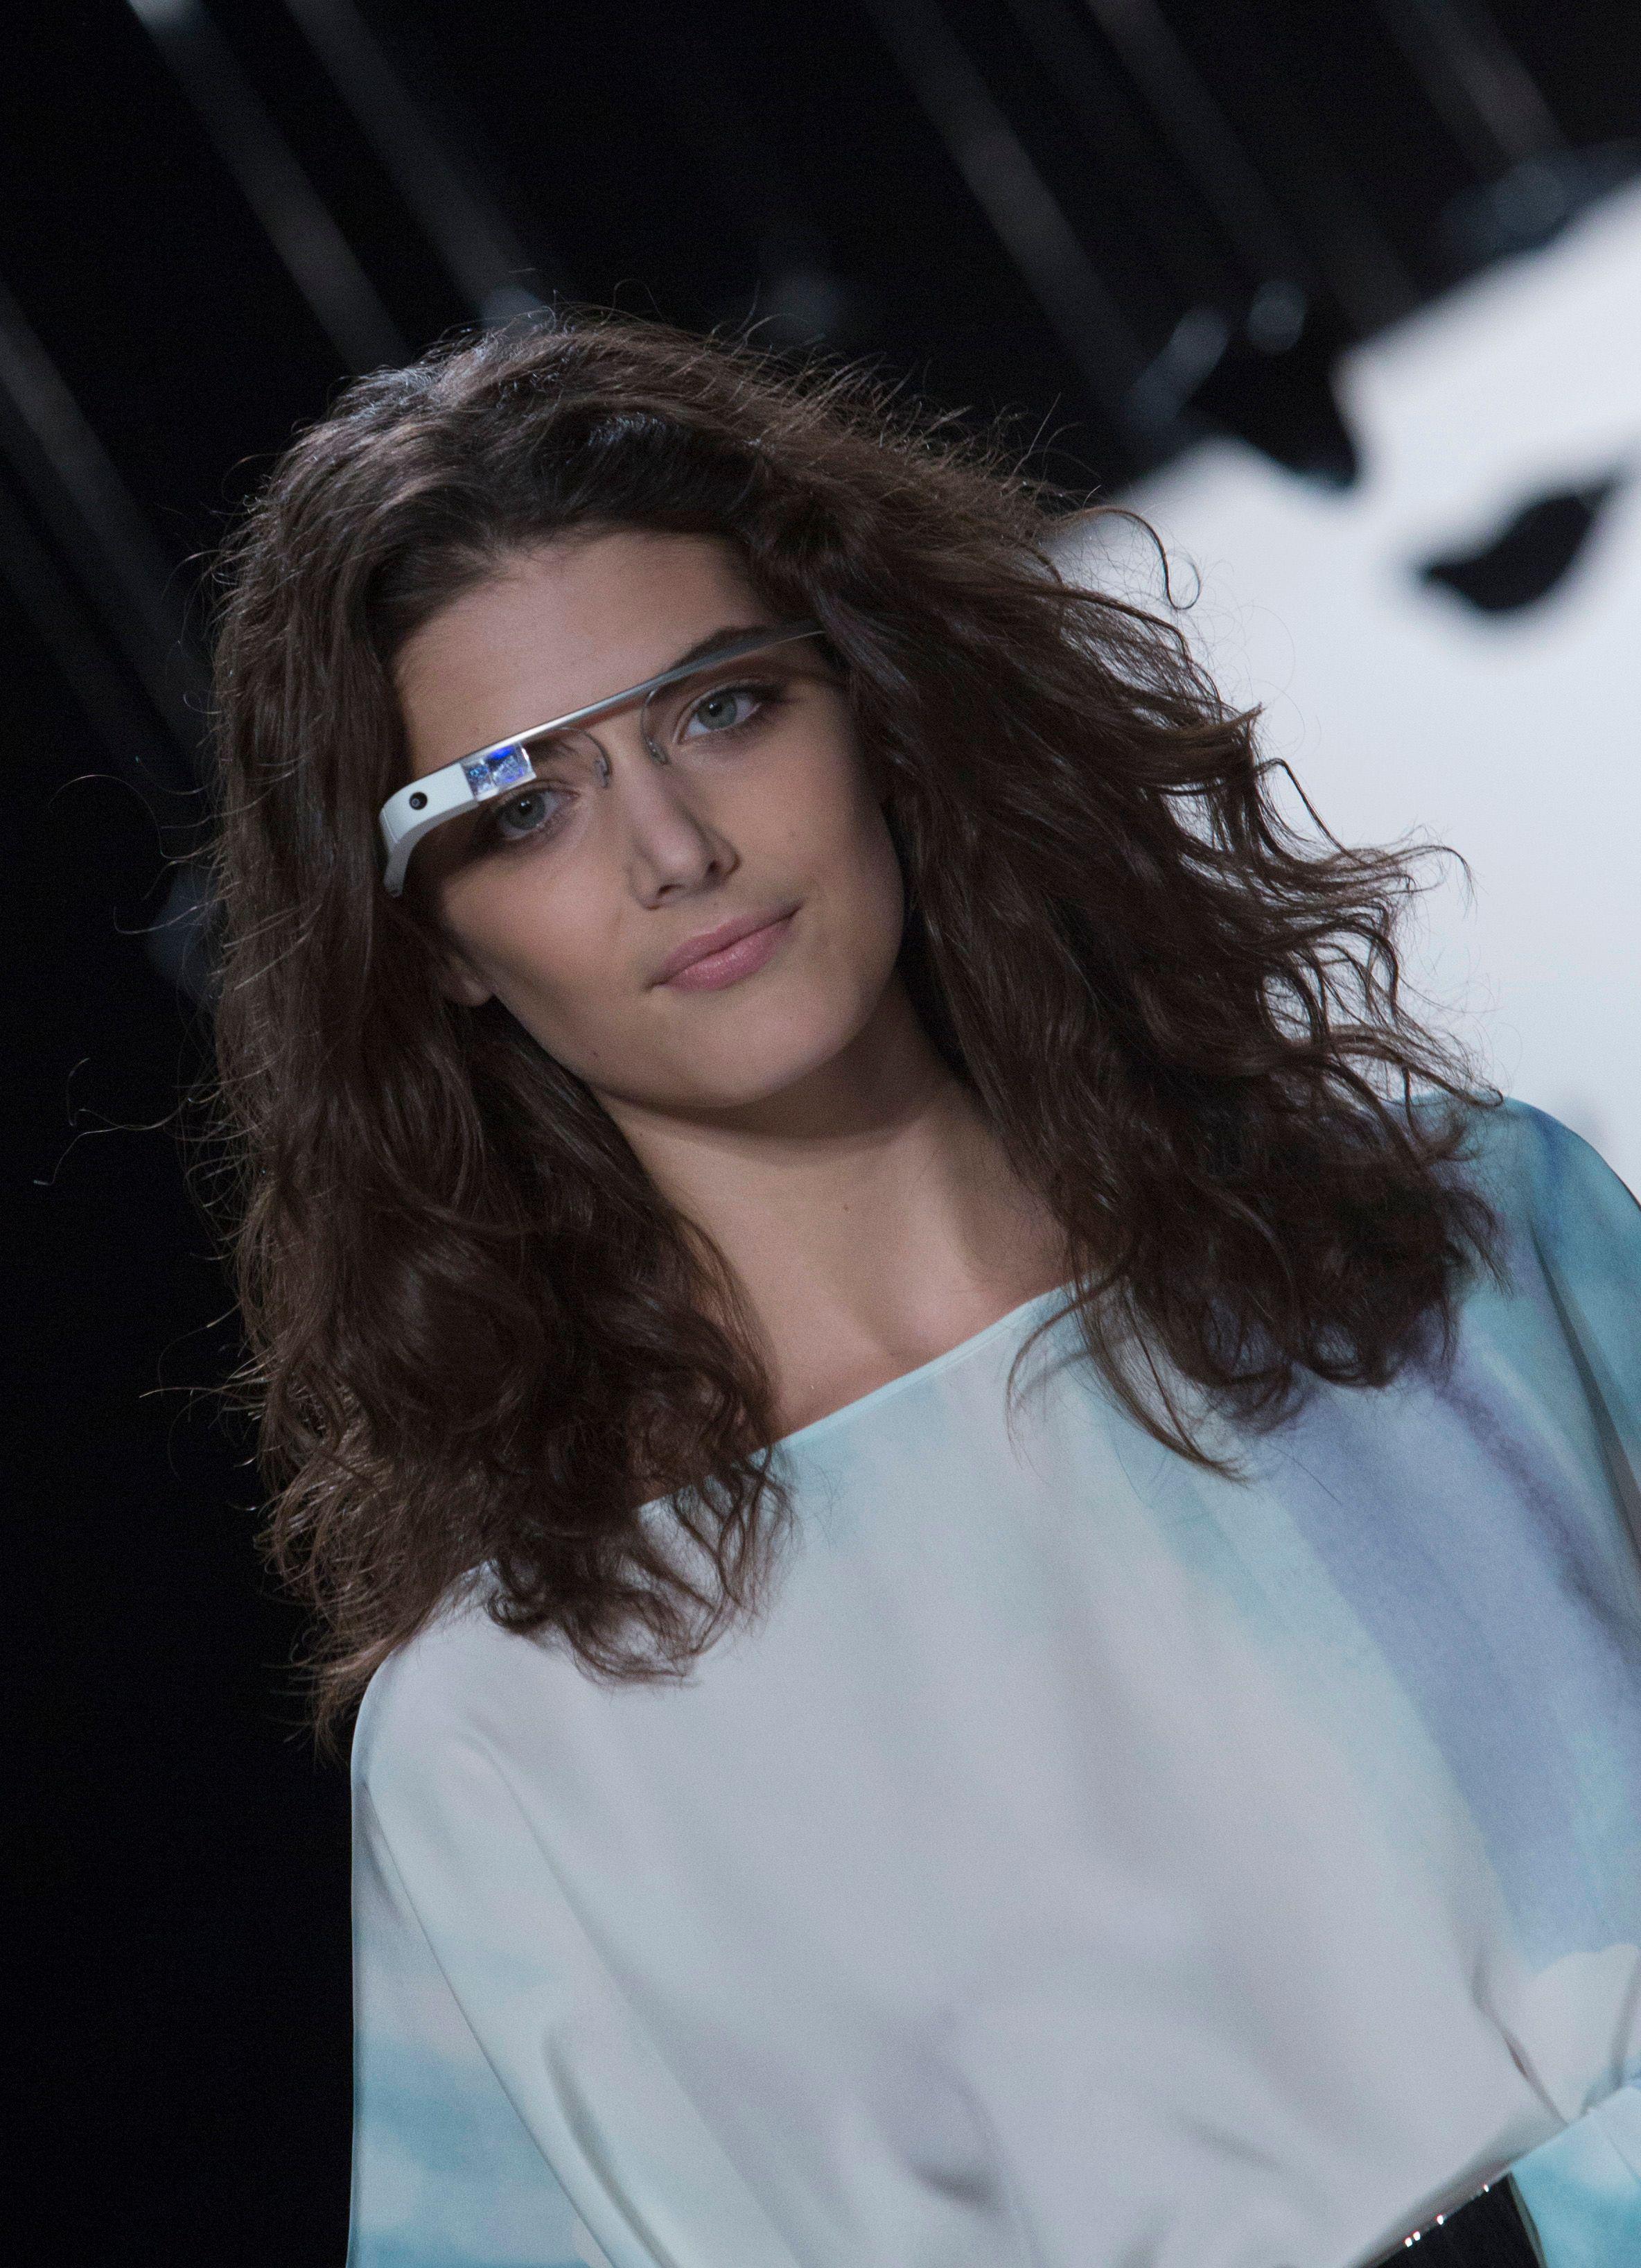 Les Google Glass seront bannies des casinos, des cinémas et aussi des clubs de strip-tease.